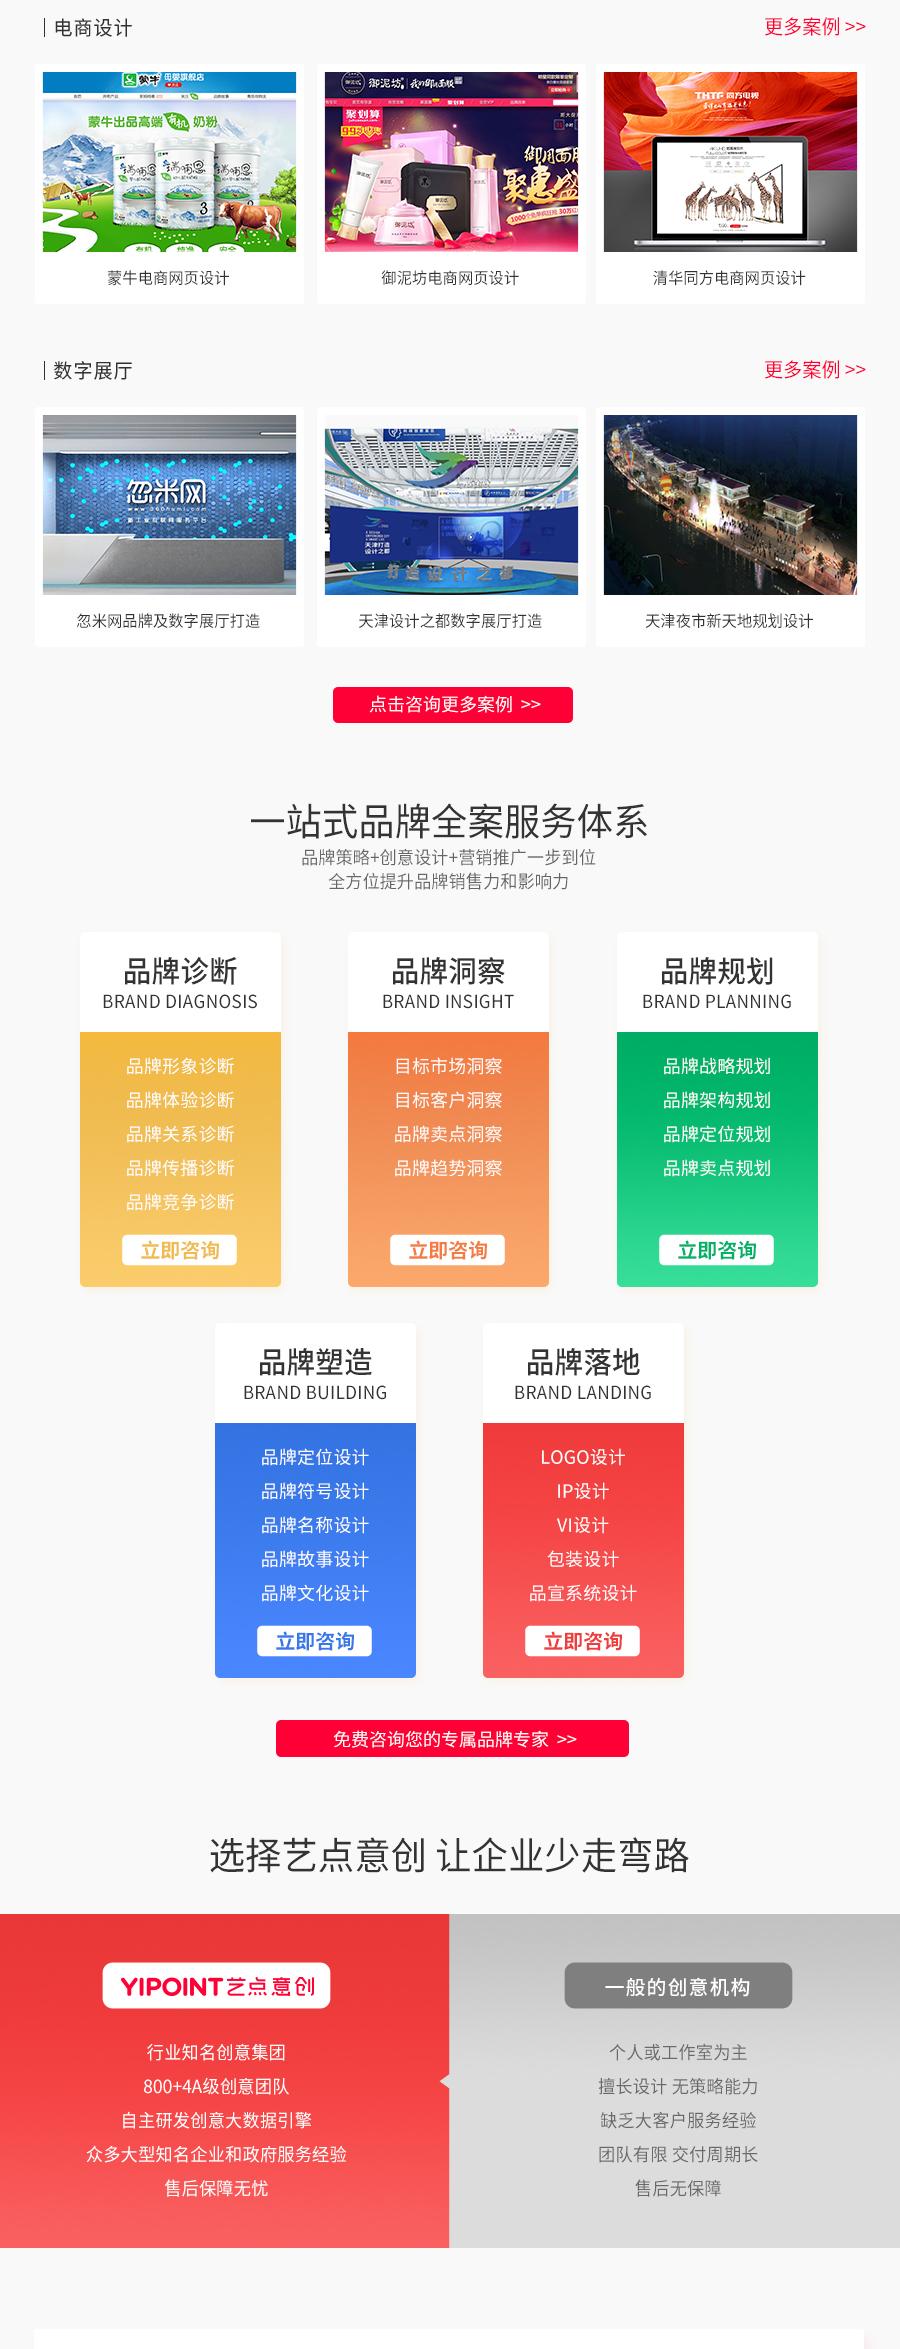 品牌策划详情改7-2_02.png